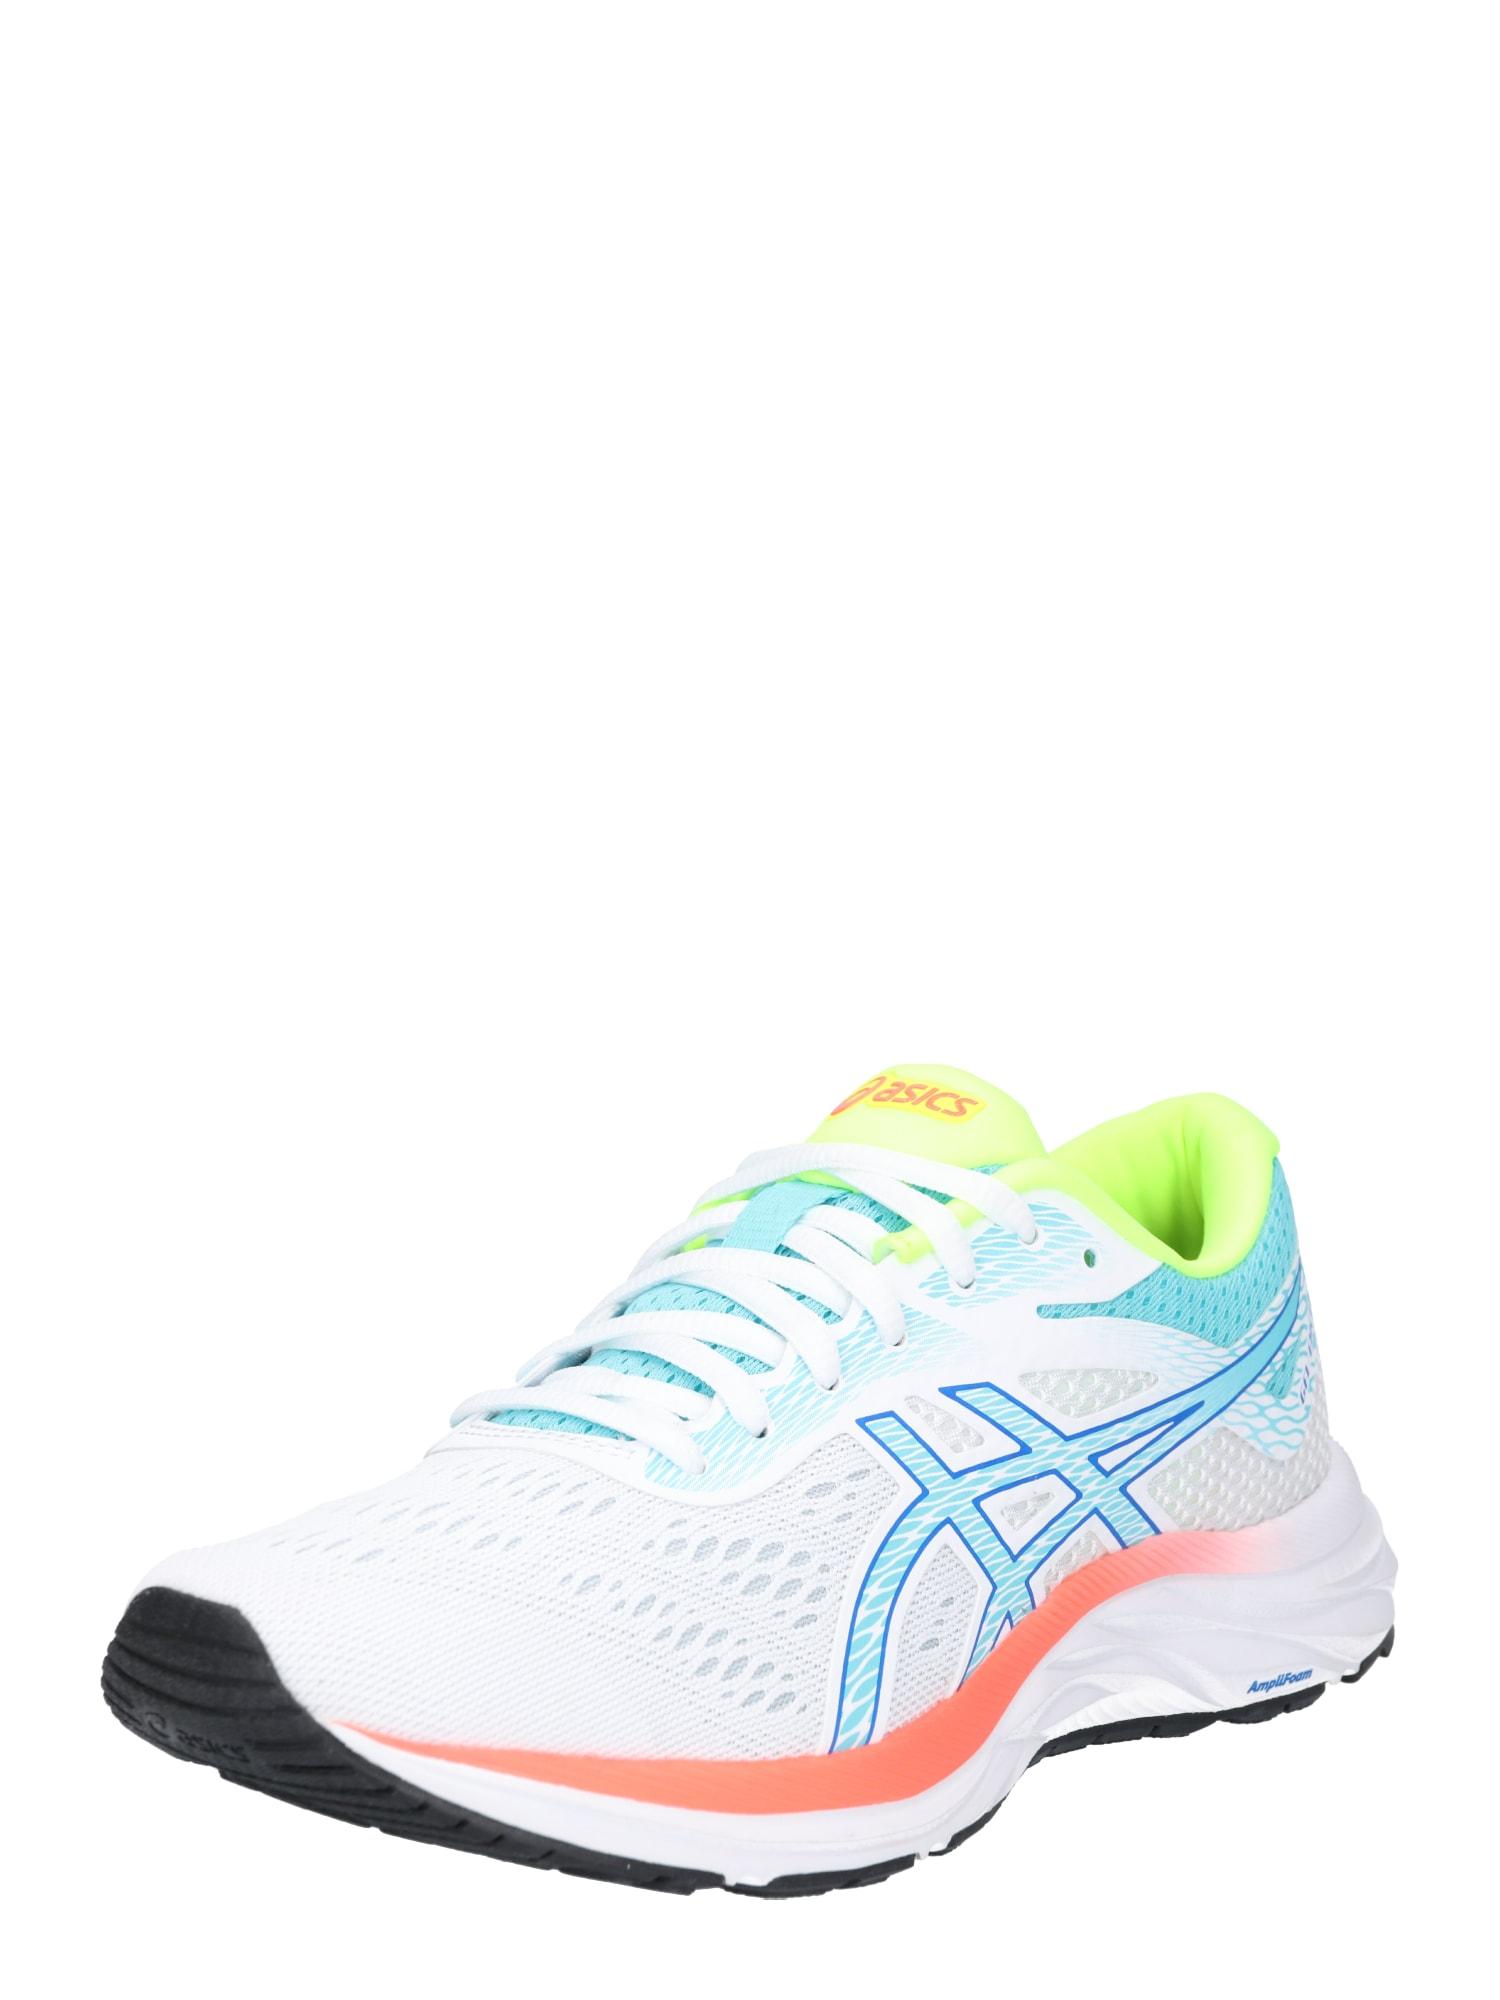 Běžecká obuv Gel-Excite 6 Sp světlemodrá kiwi lososová bílá ASICS